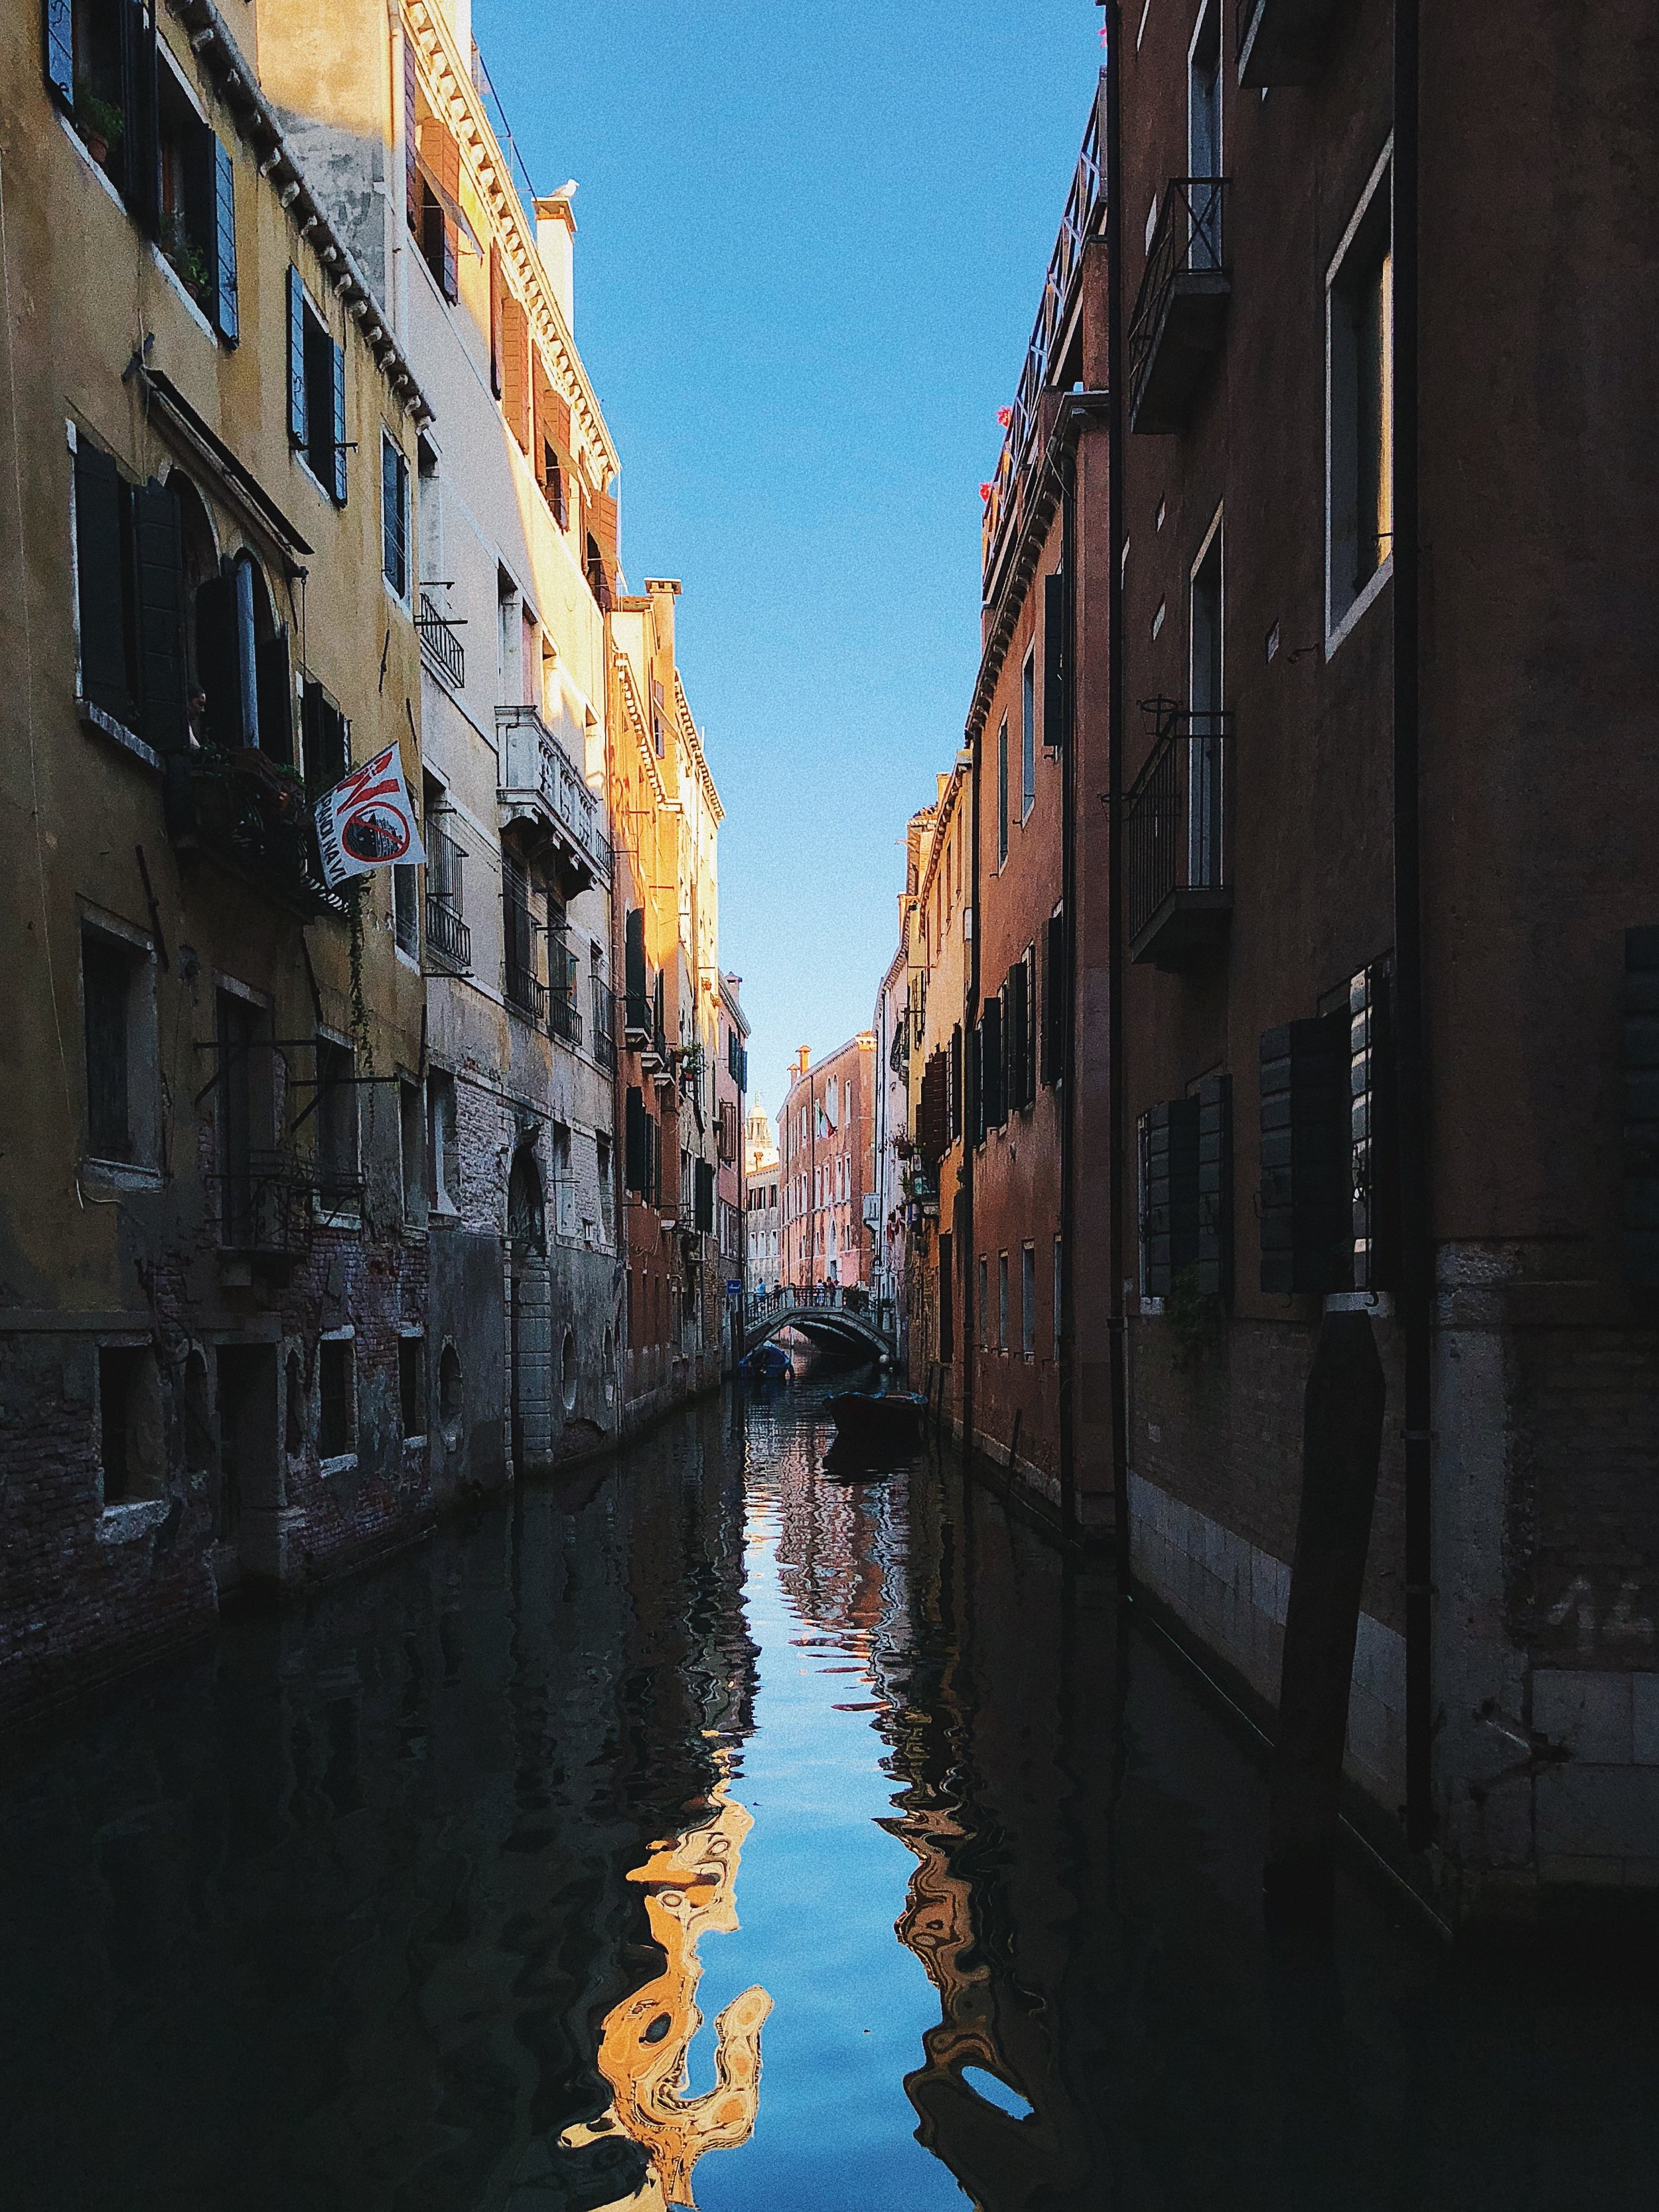 Italy Travel Diary + Vlog - Venice and Burano